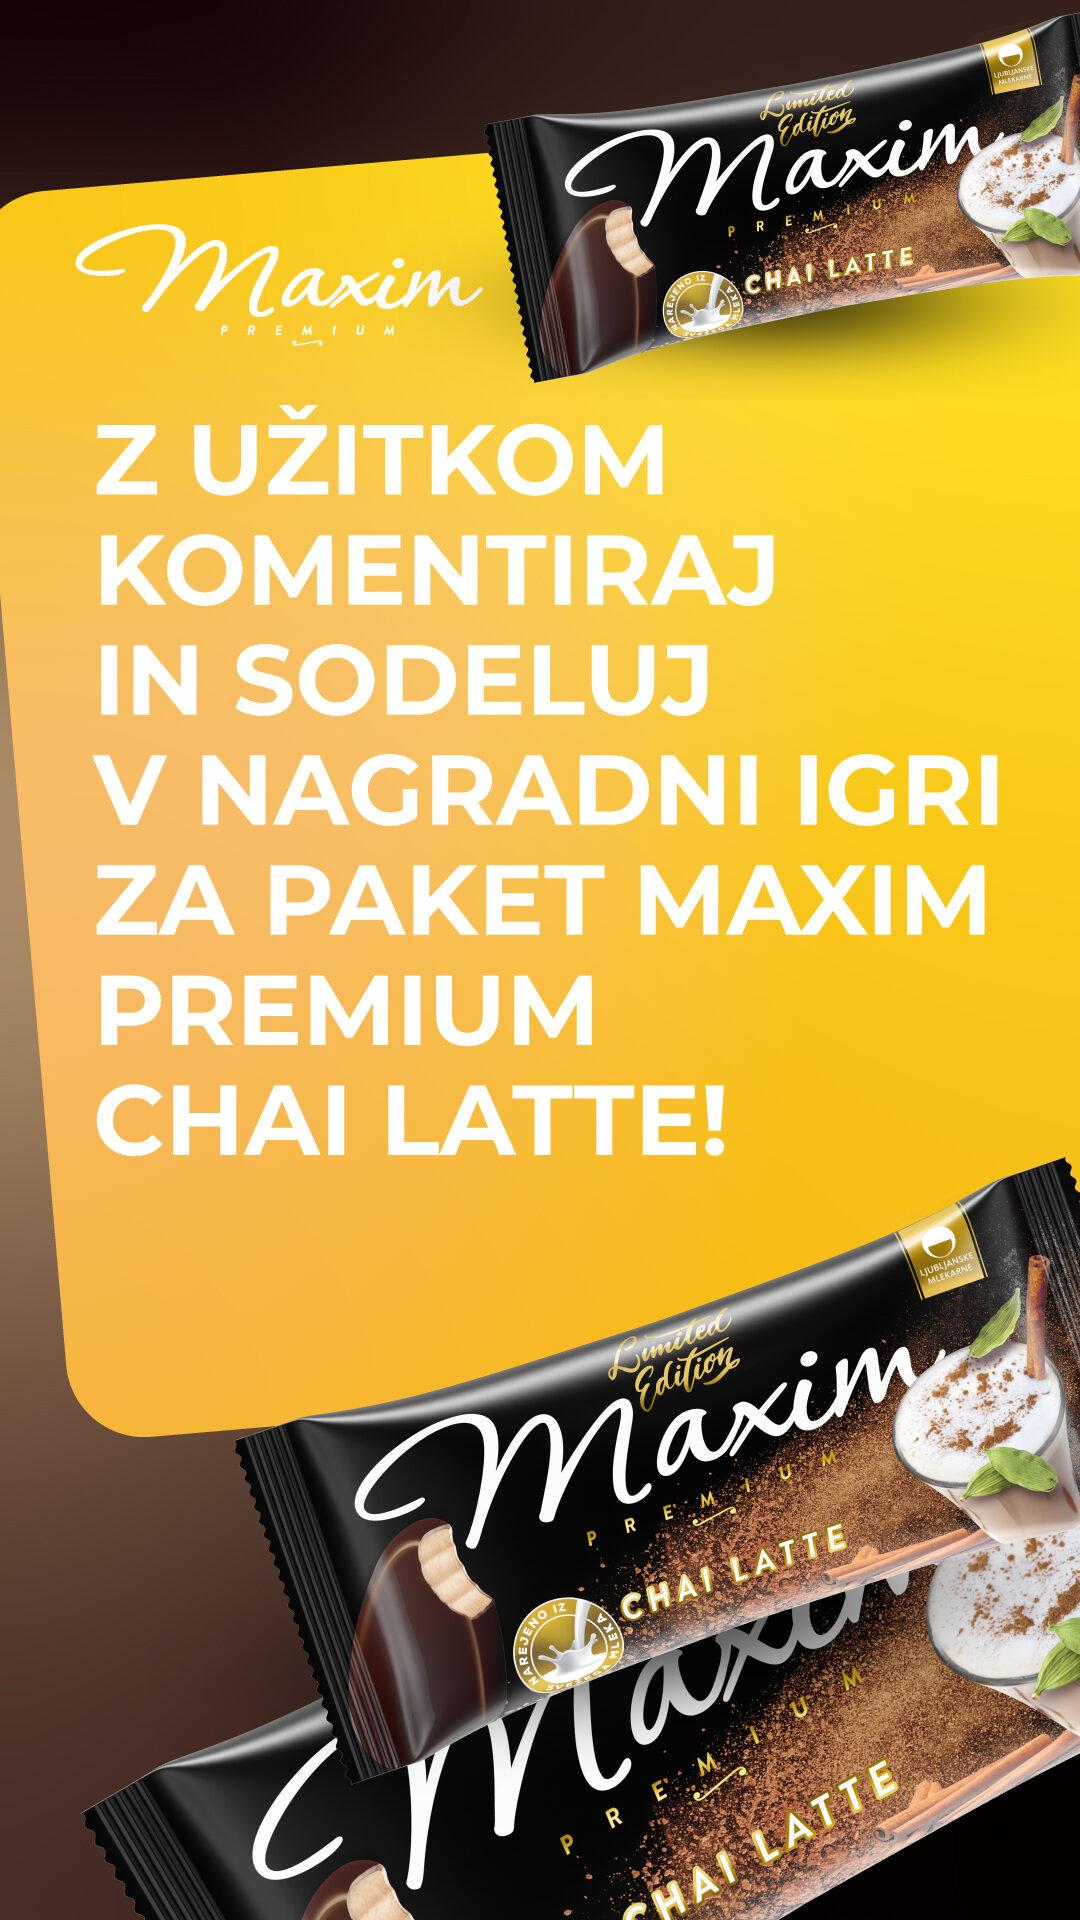 ImagoBold_Maxim_FB_NI_spletna_stran_23062021